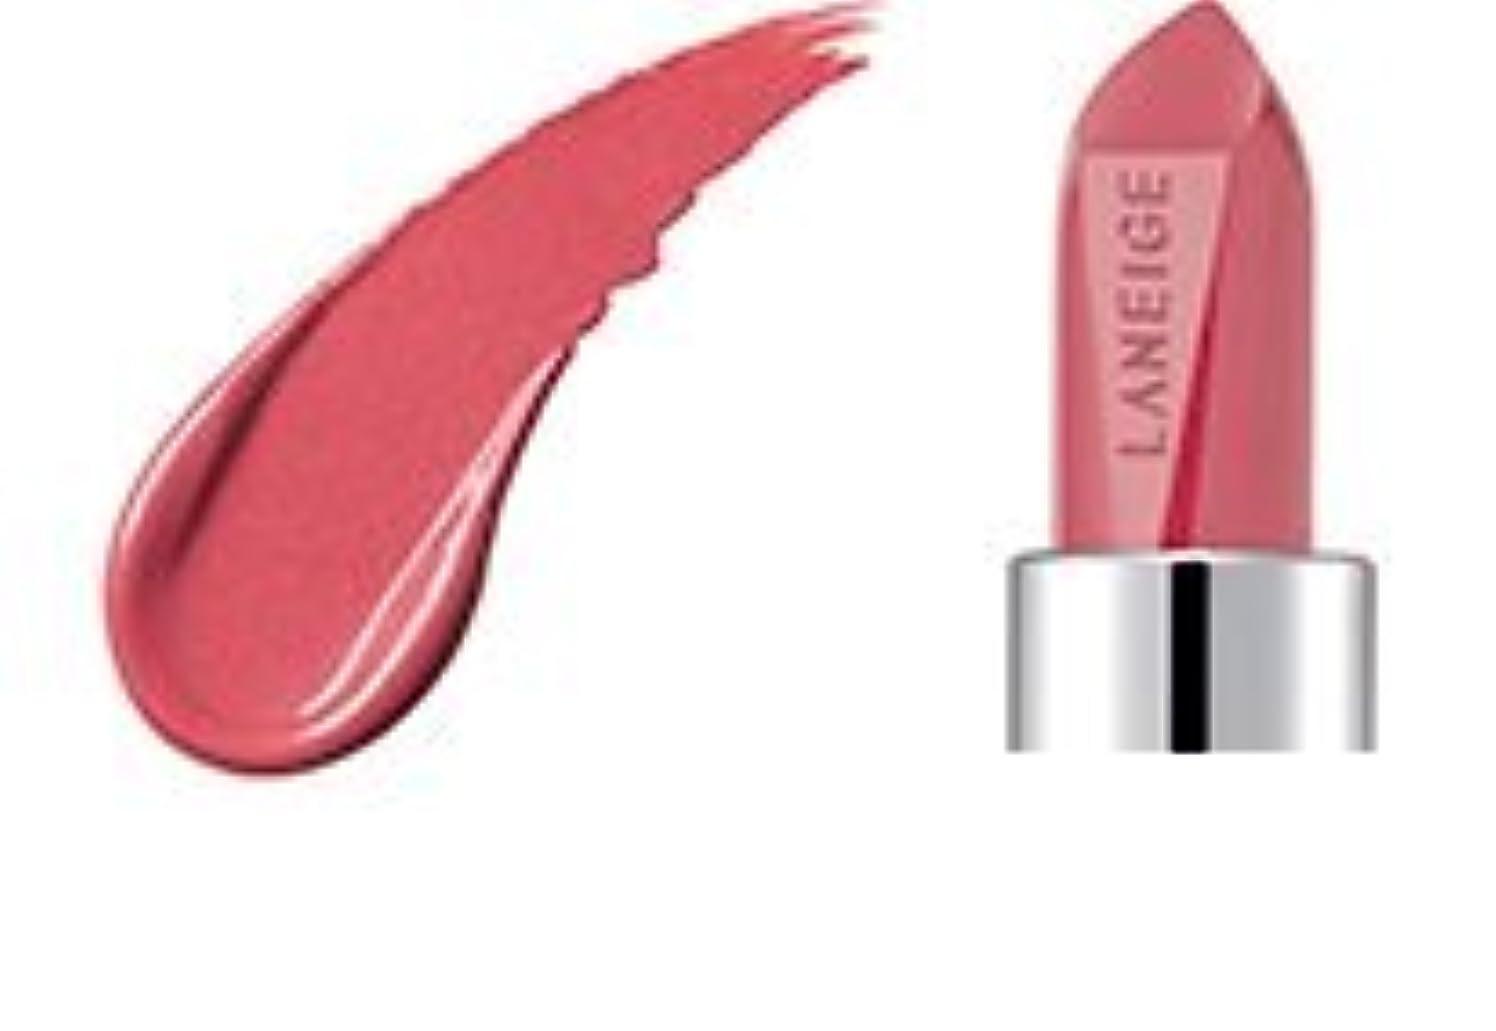 飢えた寝てる花火[2017 Renewal] LANEIGE Silk Intense Lipstick 3.5g/ラネージュ シルク インテンス リップスティック 3.5g (#430 Pink Garden) [並行輸入品]